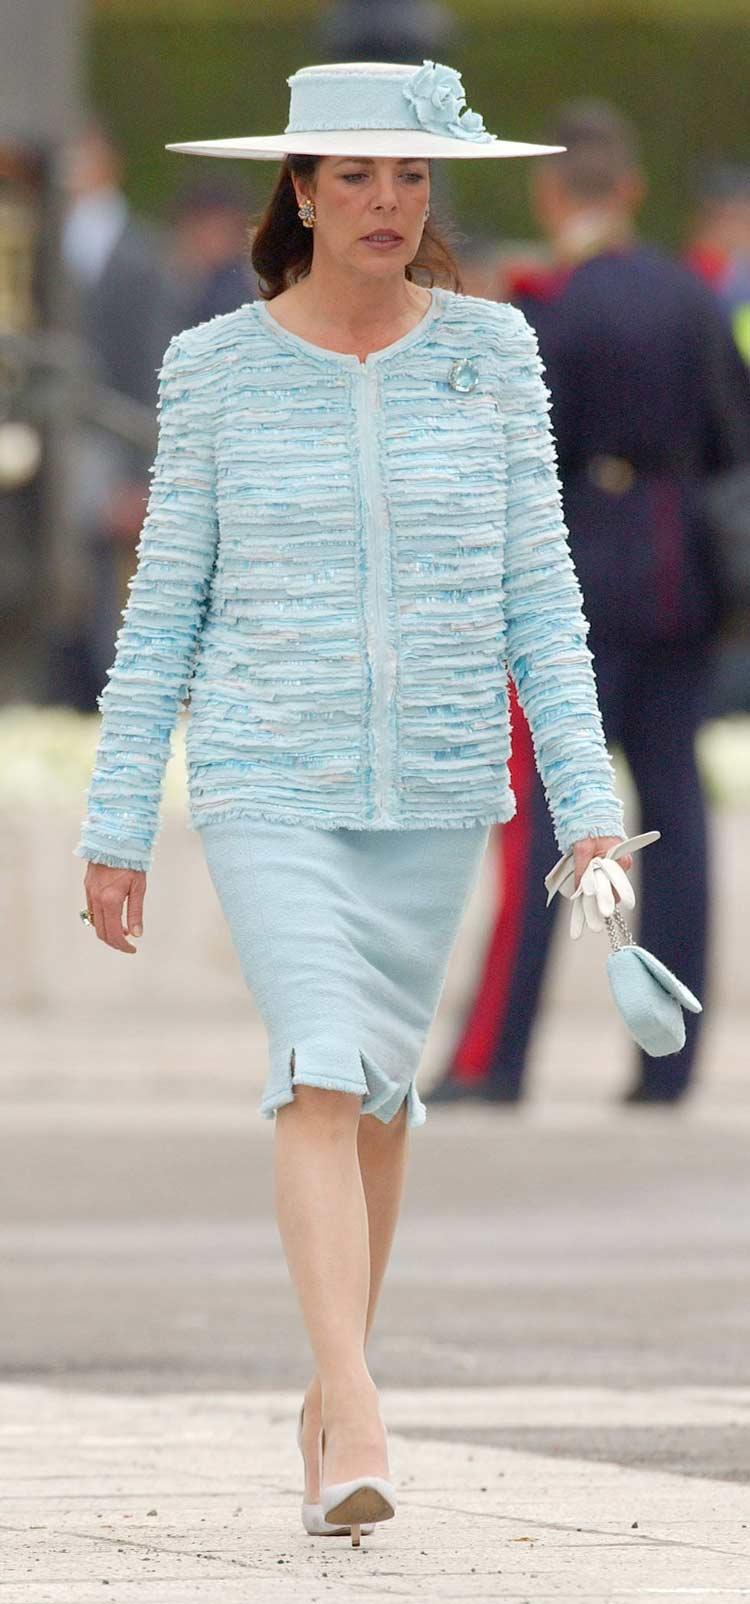 Carolina-do-Mônaco-vestindo-um-terno-Chanel-no-casamento-dos-Reis-da-Espanha